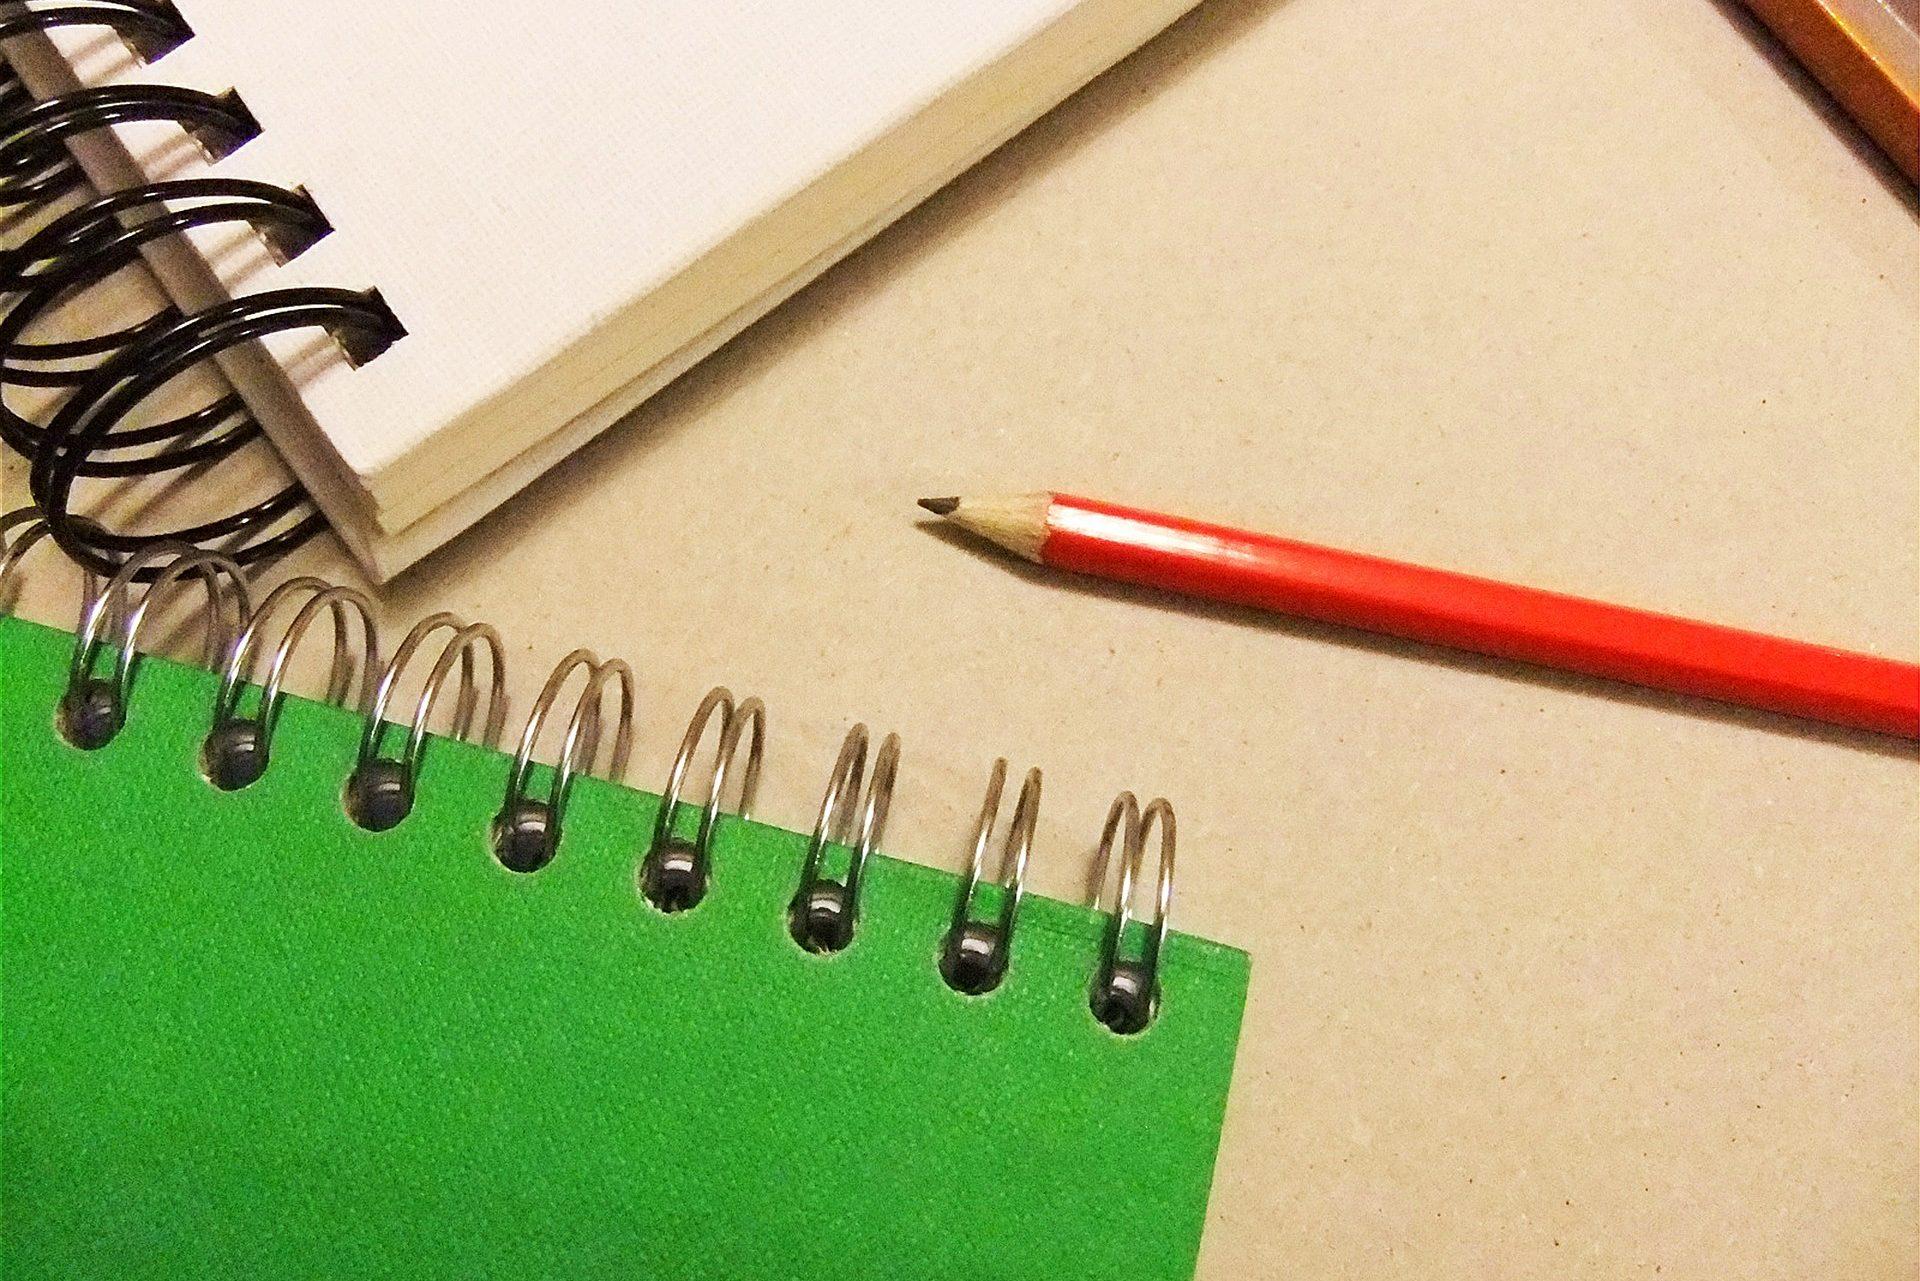 クリエイターにとってのポートフォリオとは何か?作り方や制作サービスと共にご紹介